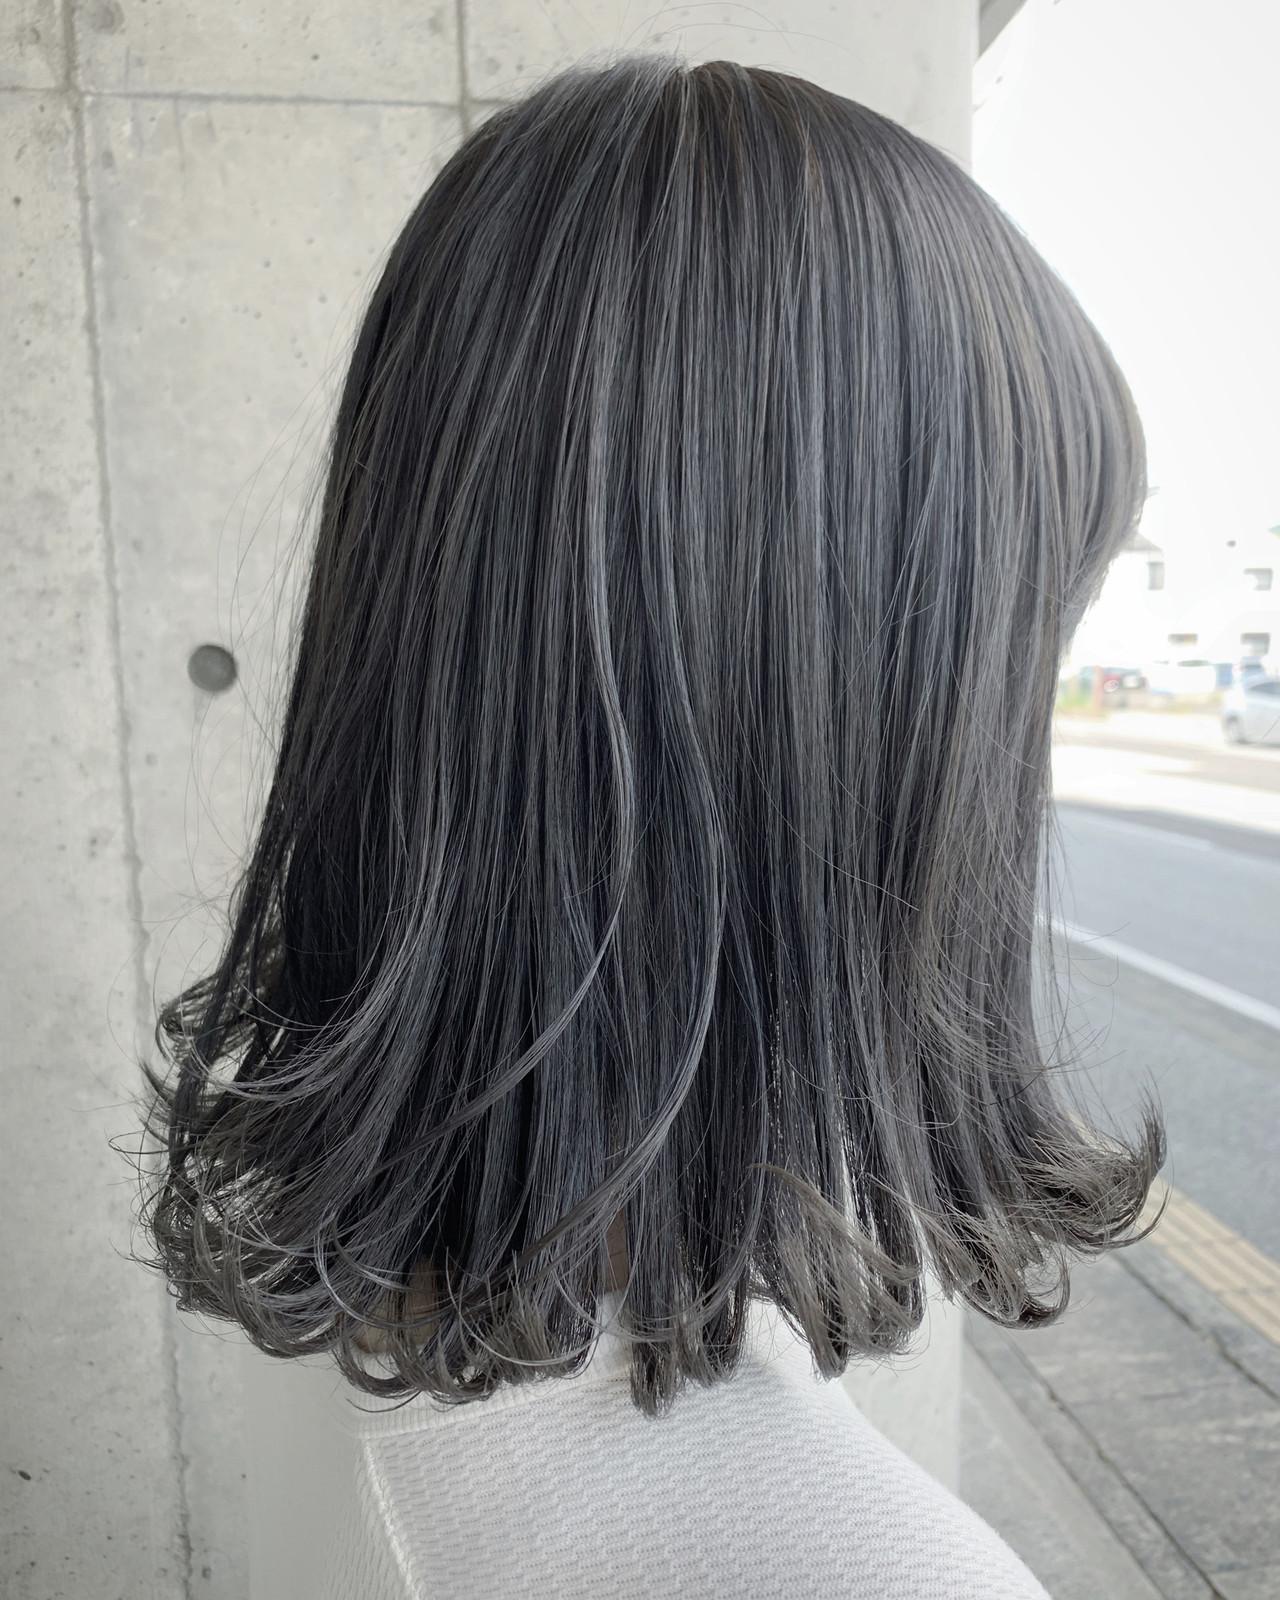 ミディアム グレーアッシュ グラデーションカラー グレー ヘアスタイルや髪型の写真・画像 | ユアサケンイチ(湯浅 賢一) / Ferreira (フェレイラ)